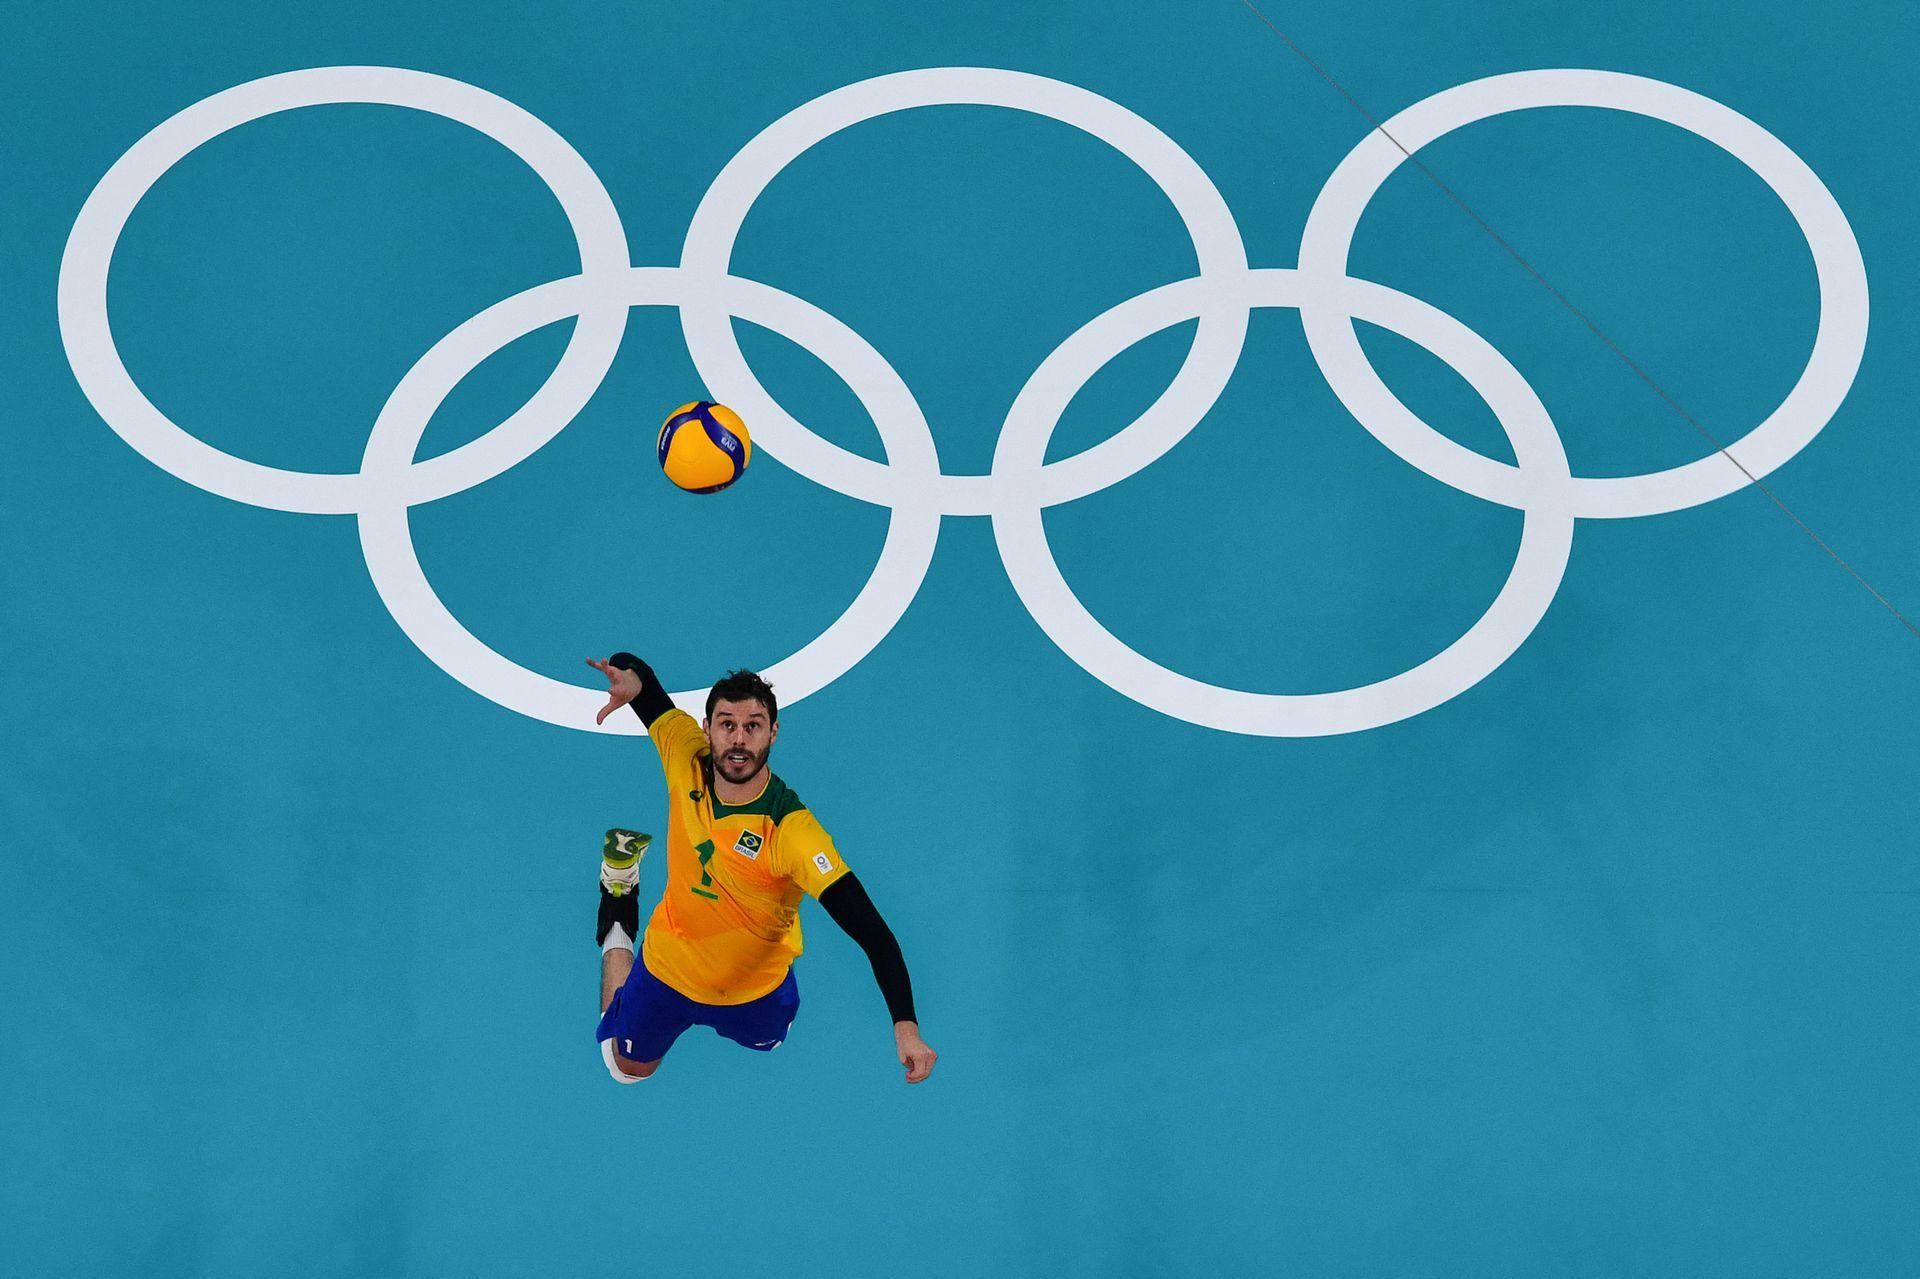 Bruno Rezende de Brasil participa en el partido de voleibol de la ronda preliminar masculina del grupo B entre Brasil y Túnez durante los Juegos Olímpicos de Tokio 2020 en el Ariake Arena de Tokio el 24 de julio de 2021